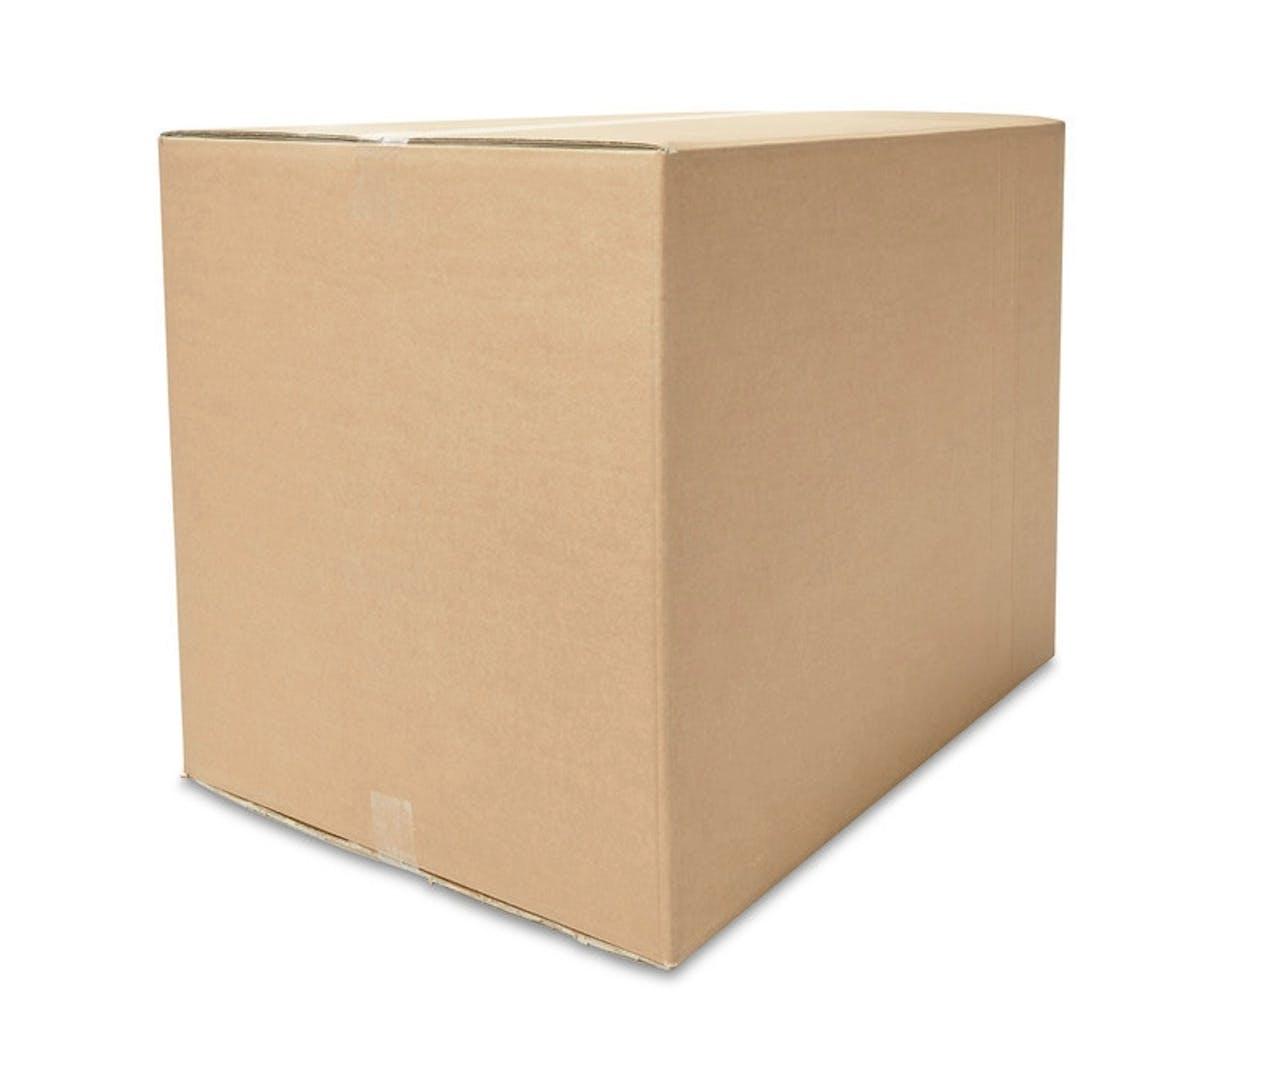 Caisses pliantes carton ondulé ECONOMY, à partir de 800mm de longueur